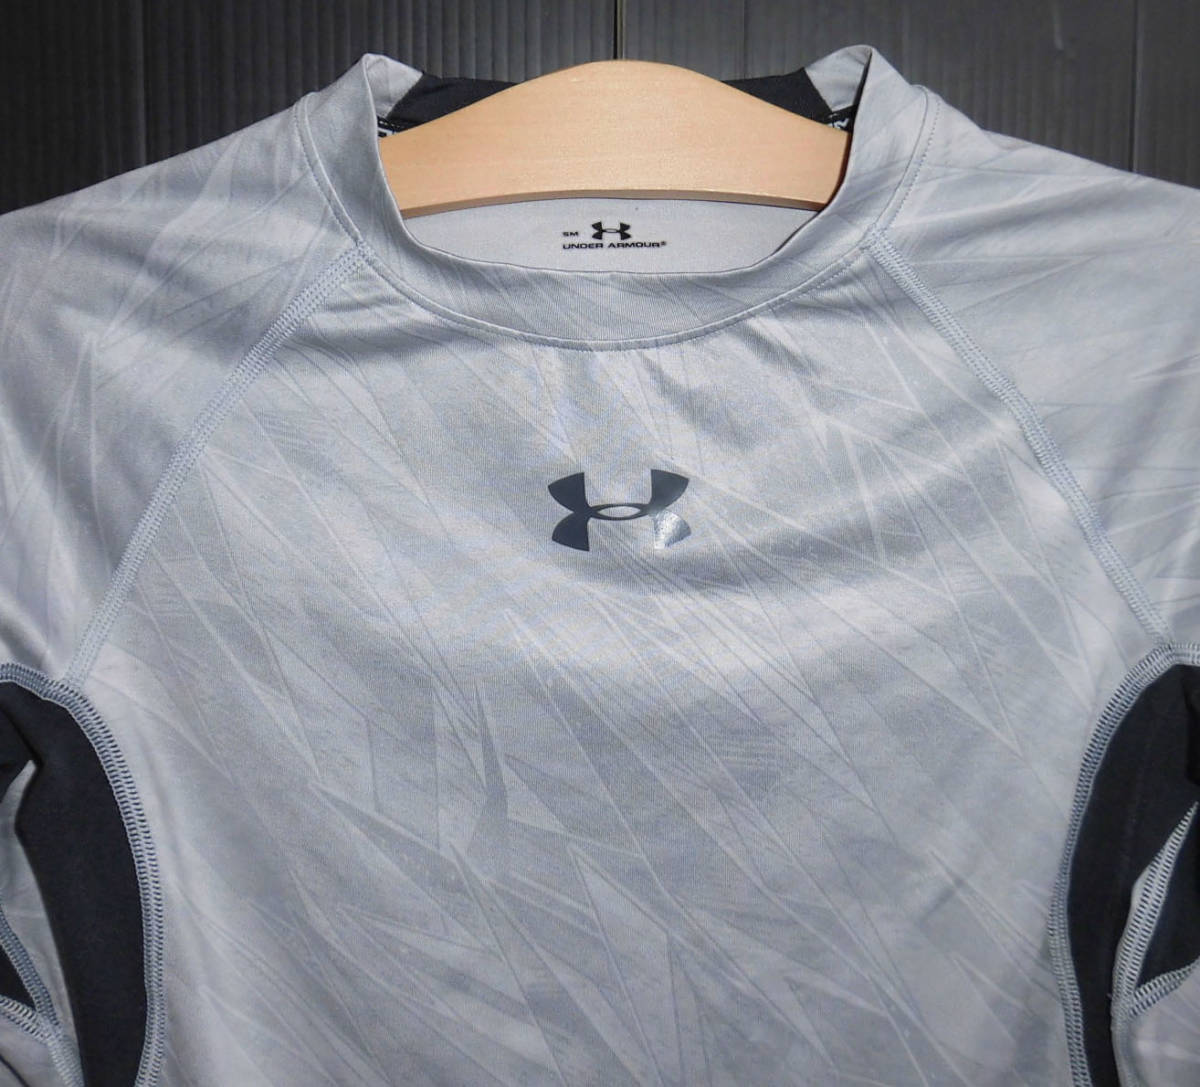 Λ美品 UNDER ARMOUR アンダーアーマー 18ss スポーツインナー UA HEATGEAR ARMOUR PRINTED LS コンプレッションシャツ S グレー